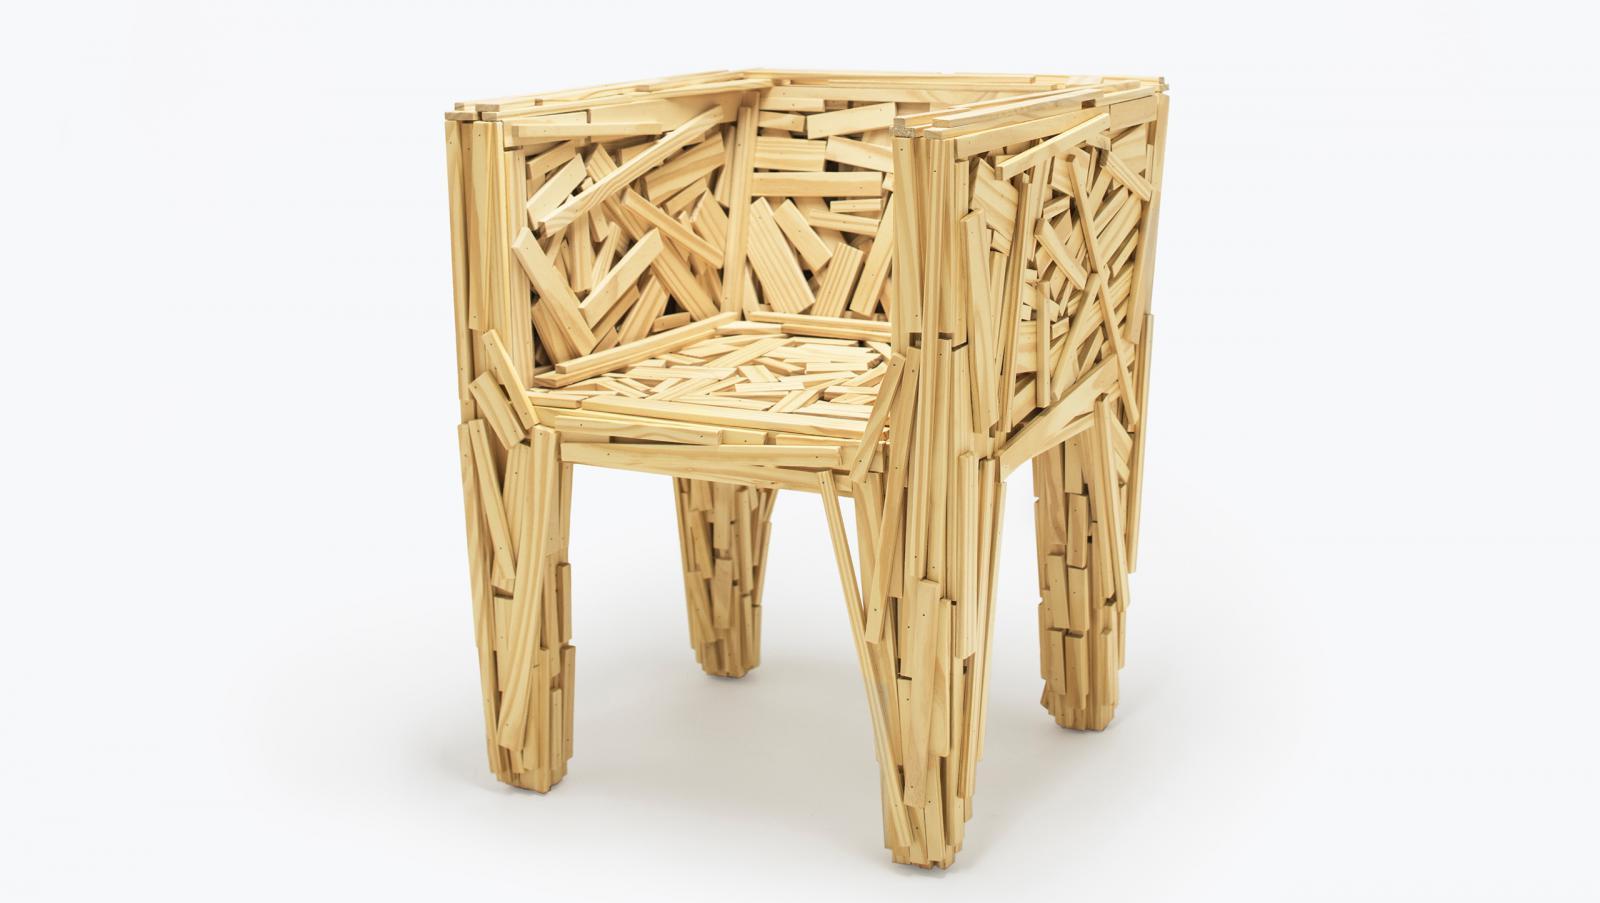 100 лет дизайна: стул Favela братьев Кампана